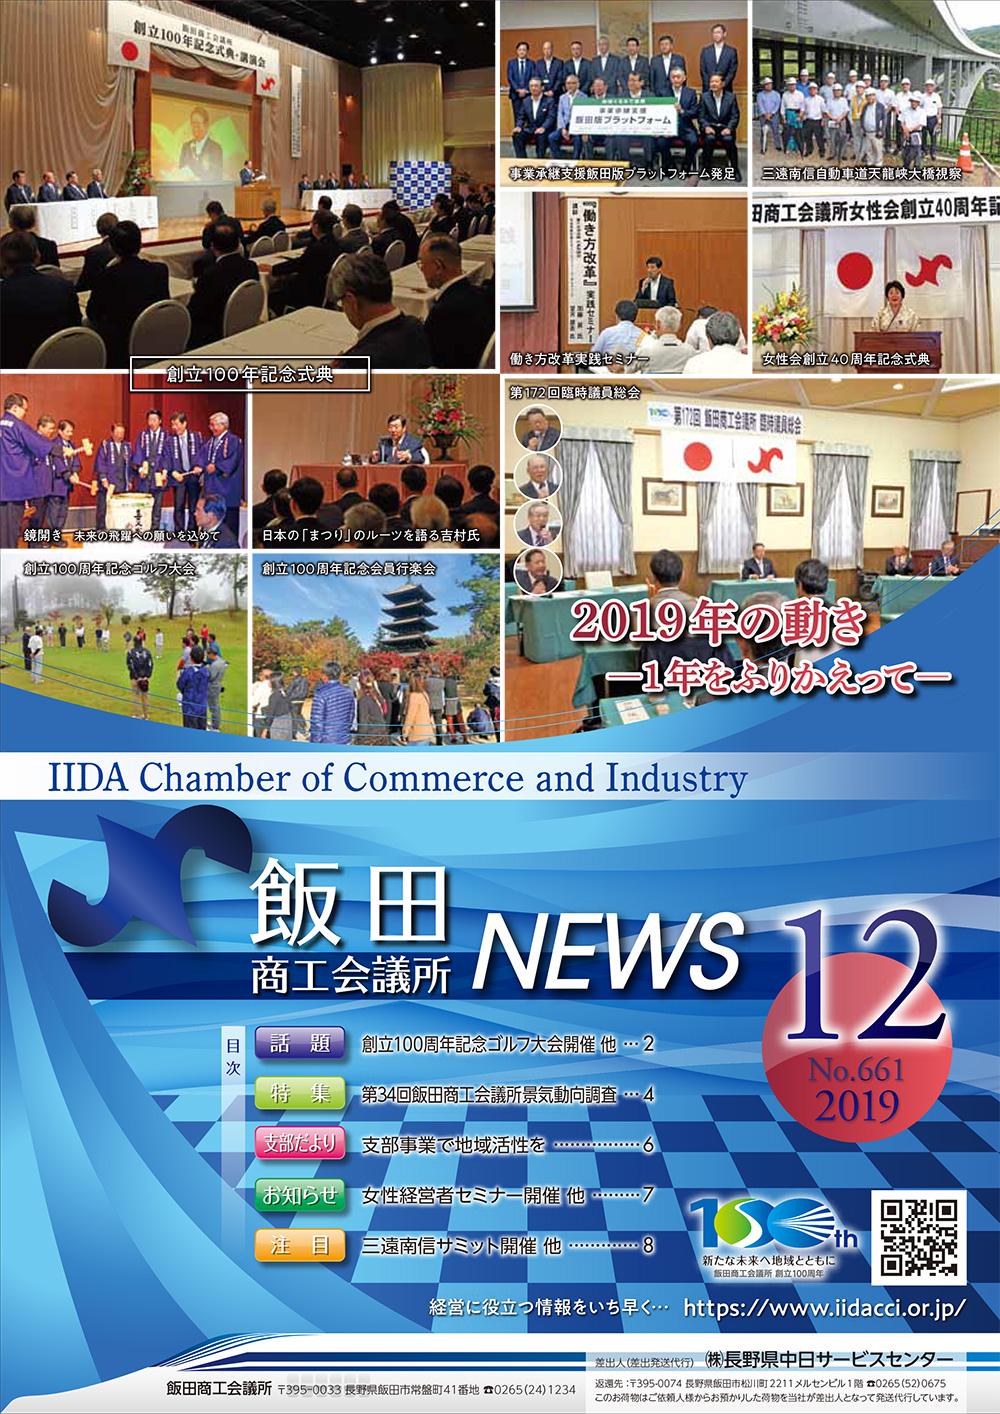 iidacci-news_no661_201912